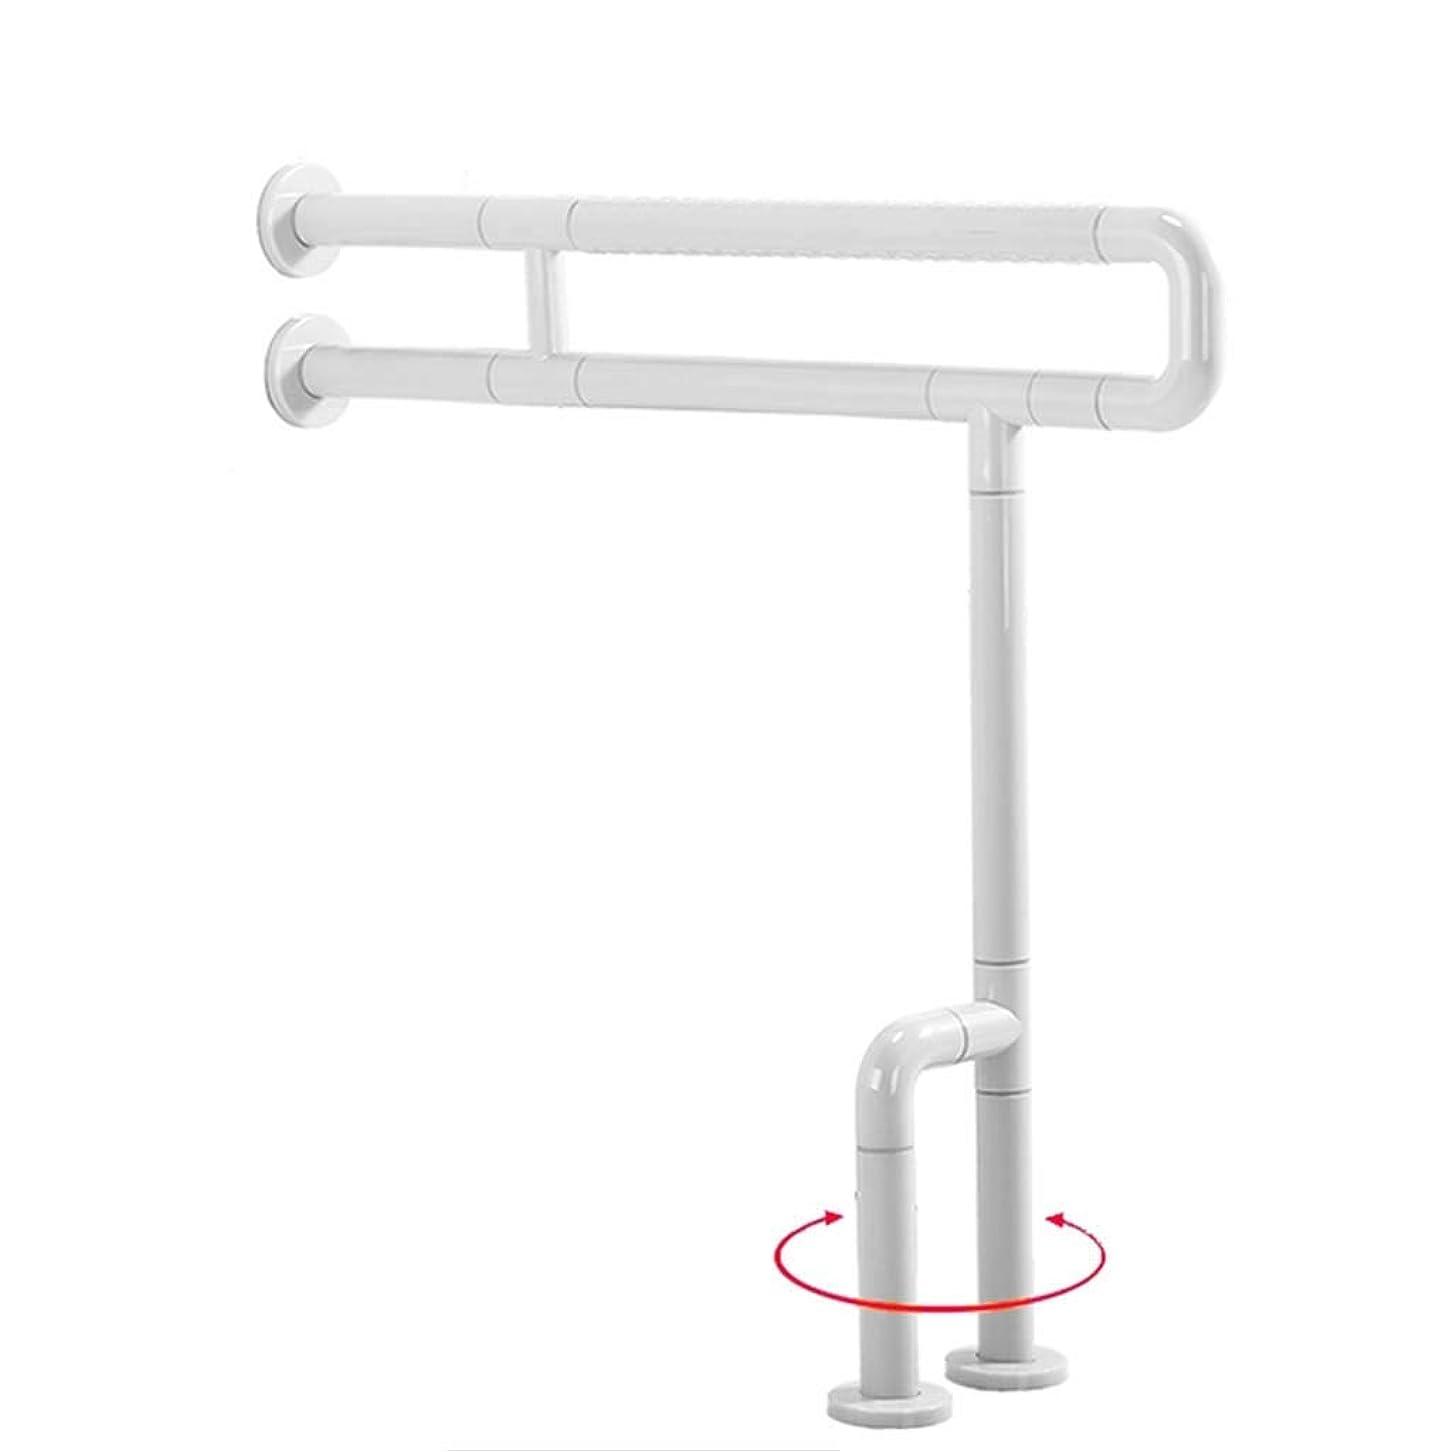 デイジー冷えるショート浴室用シャワーの手すり 浴室用手すりステンレススチール回転可能ナイロン滑り止めバリアフリー高齢者用手すり (Color : B)